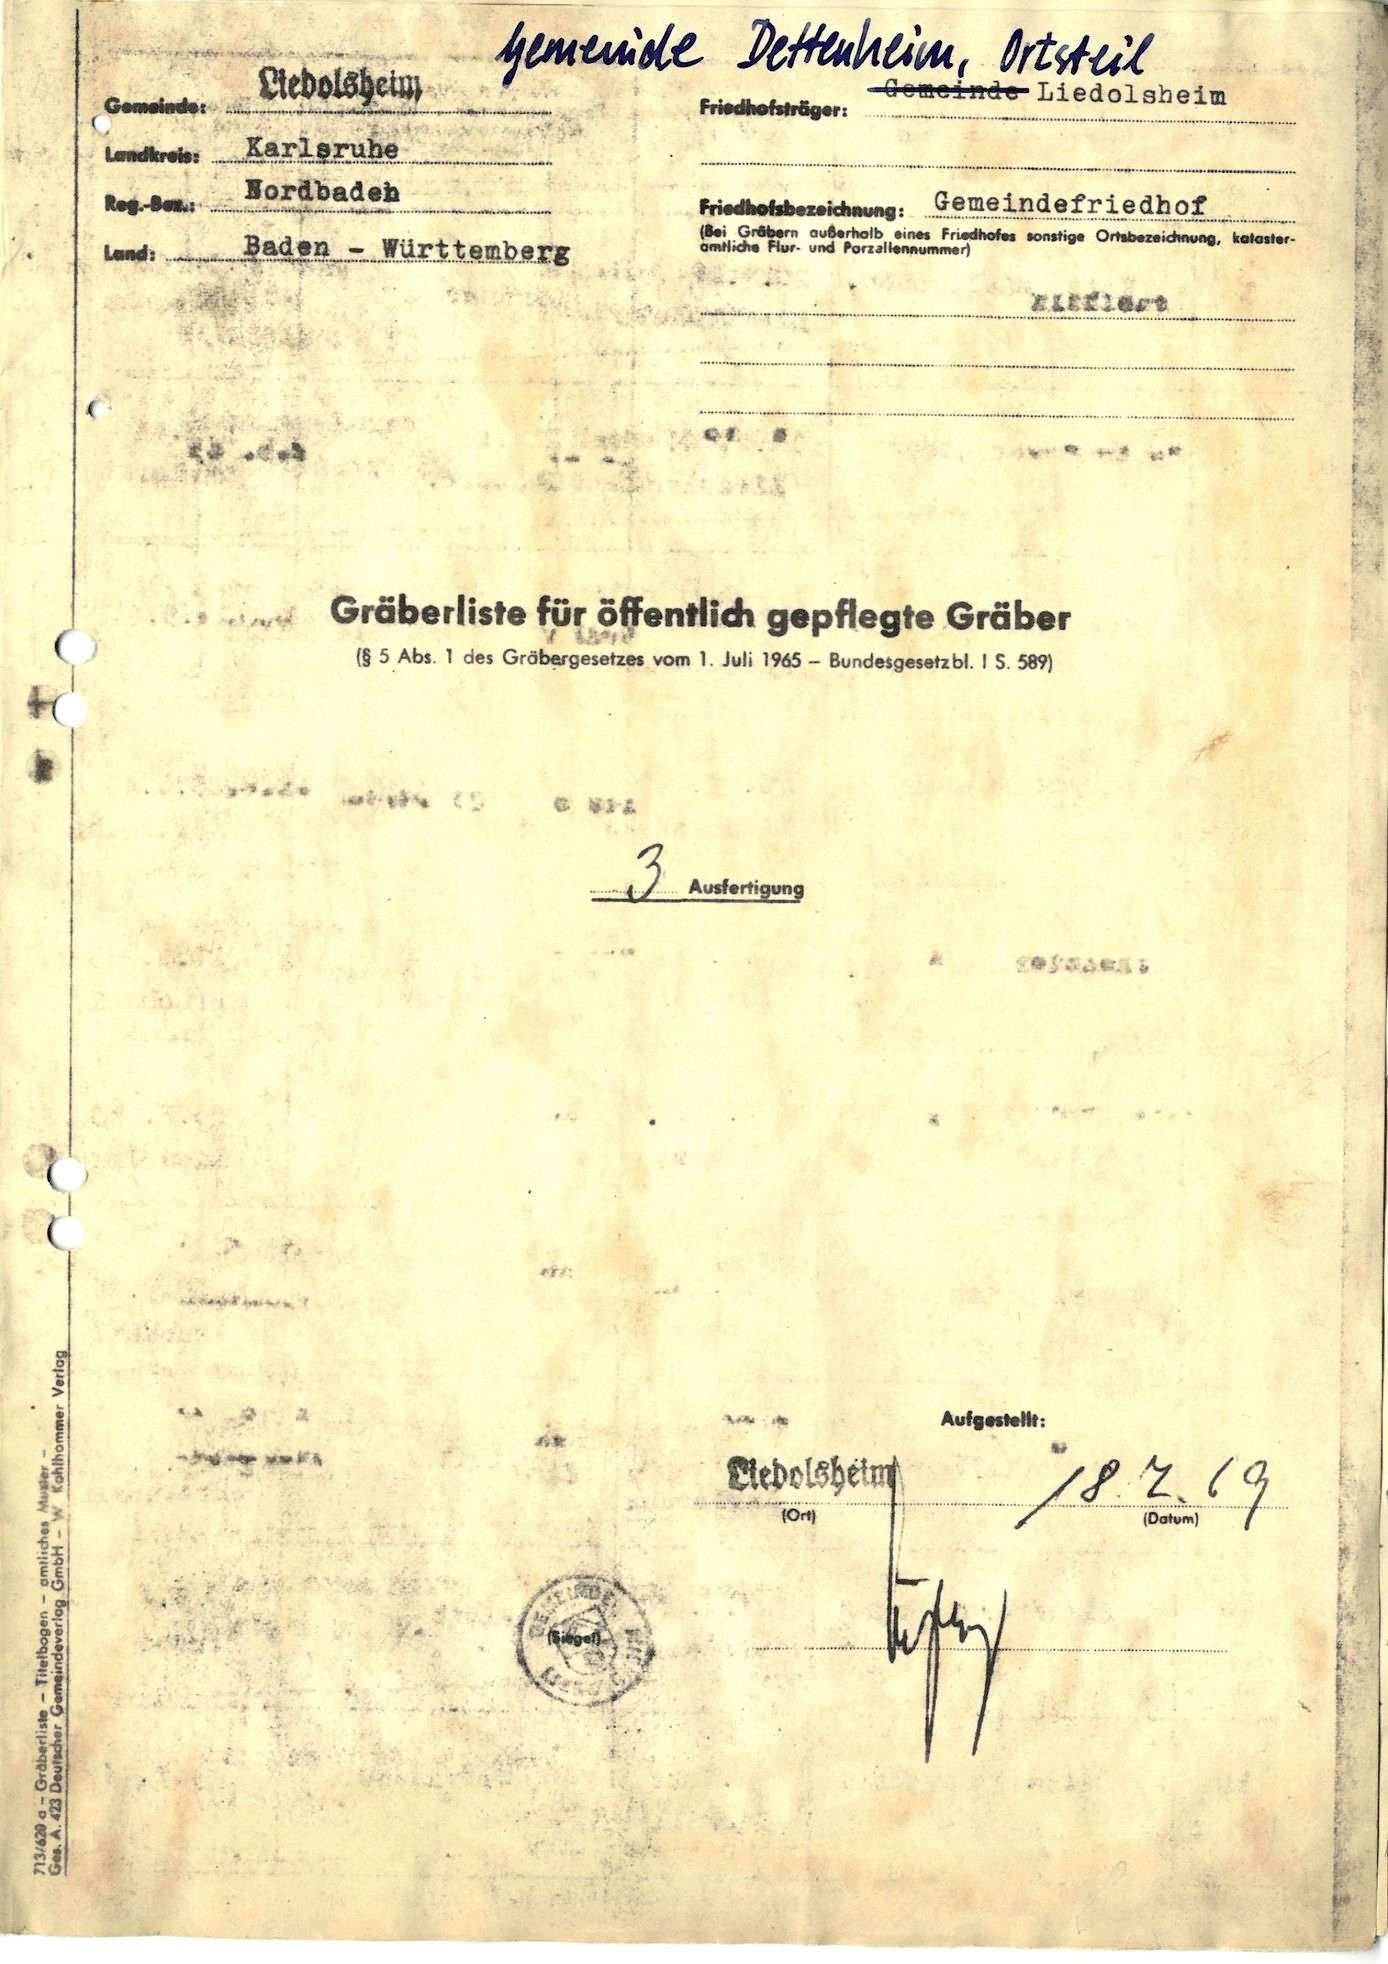 Liedolsheim, Bild 1